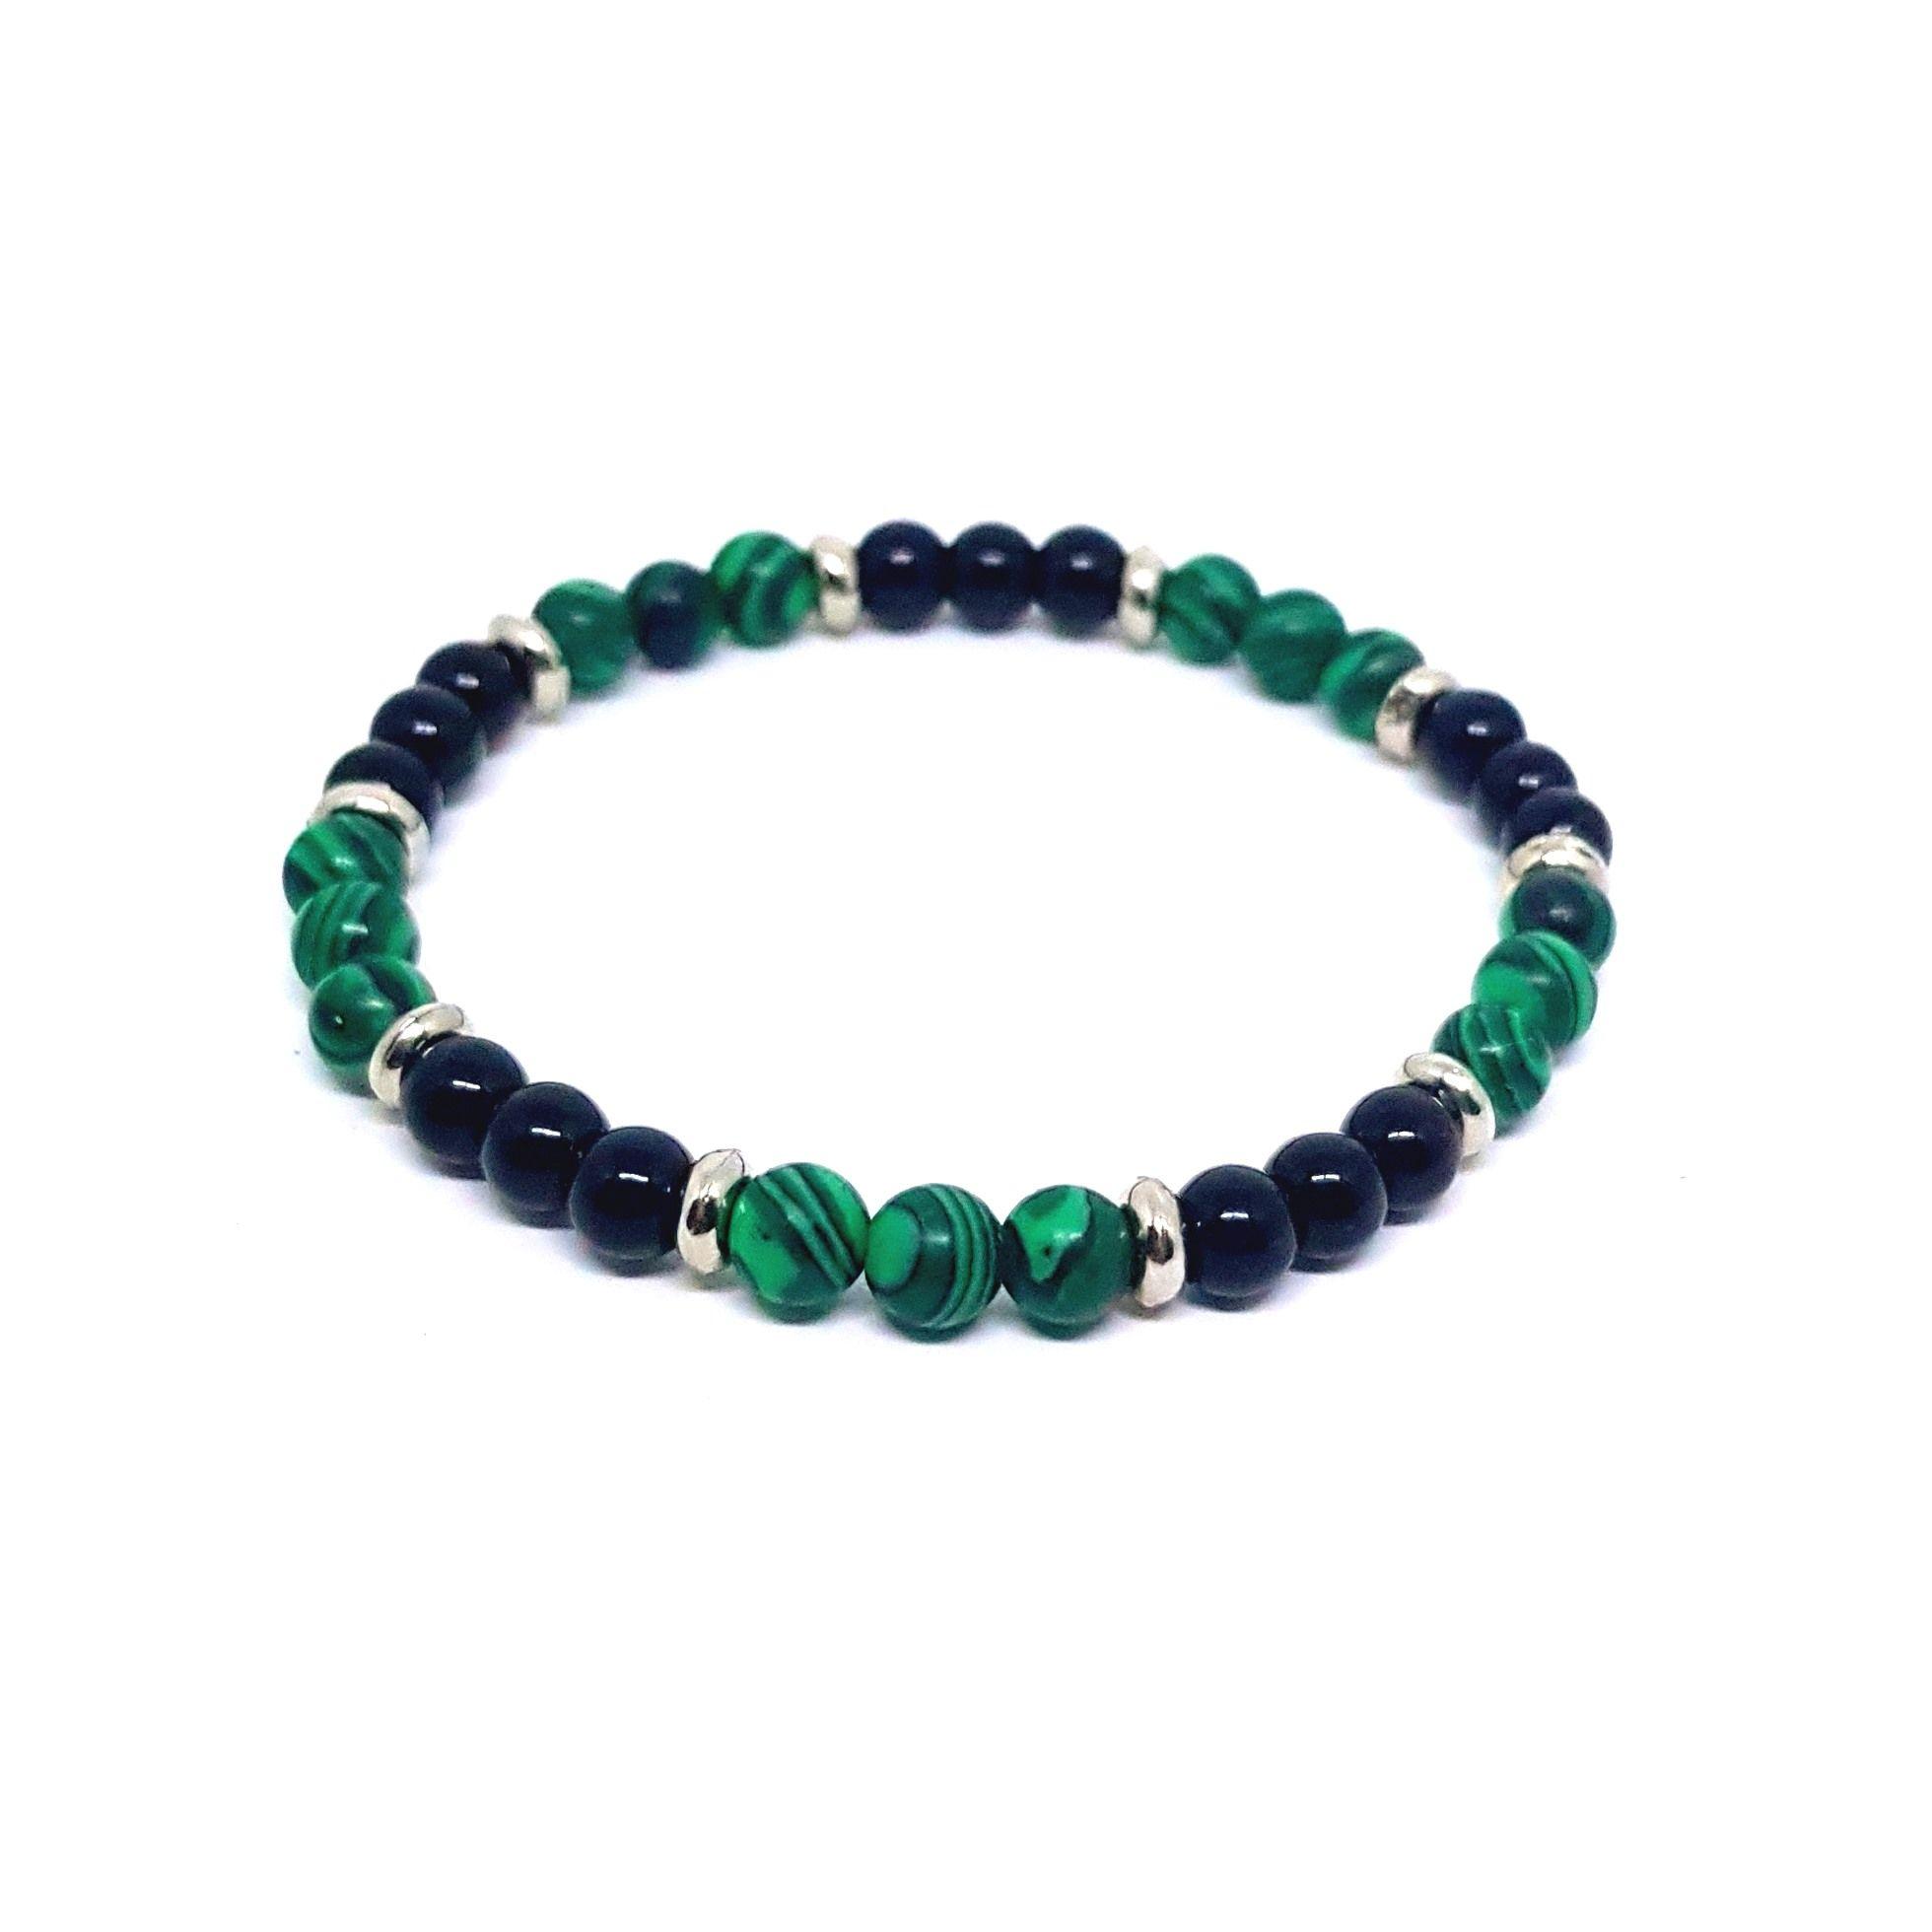 Pulseira de Pedra Preta e Verde